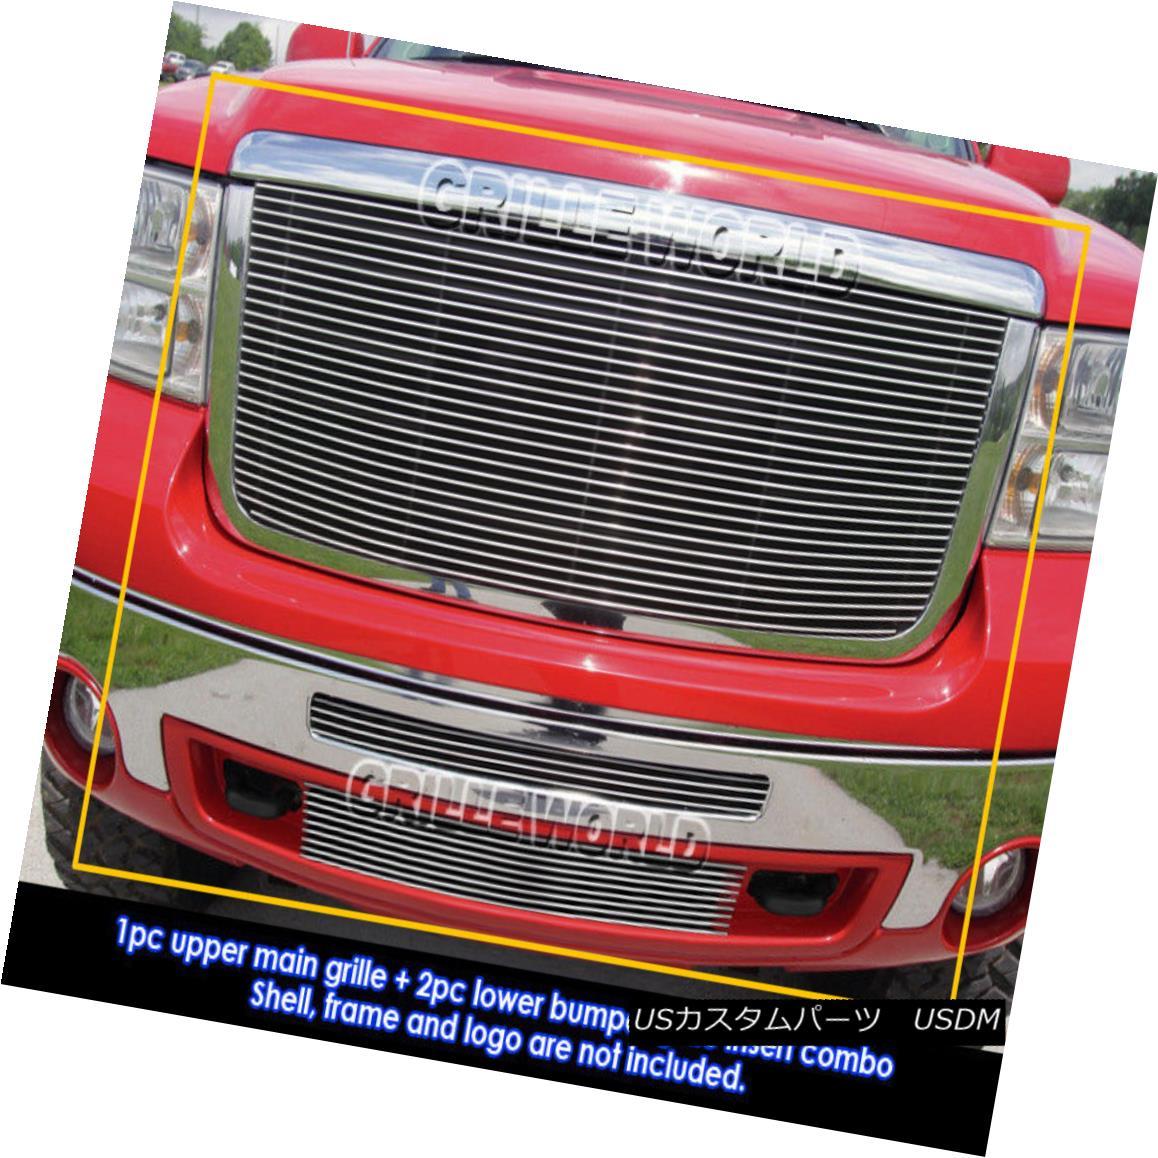 グリル For 2007-2010 GMC Sierra 2500/3500 HD Billet Grille Grill Combo Insert 2007-2010 GMC Sierra 2500/3500 HDビレットグリルグリルコンボインサート